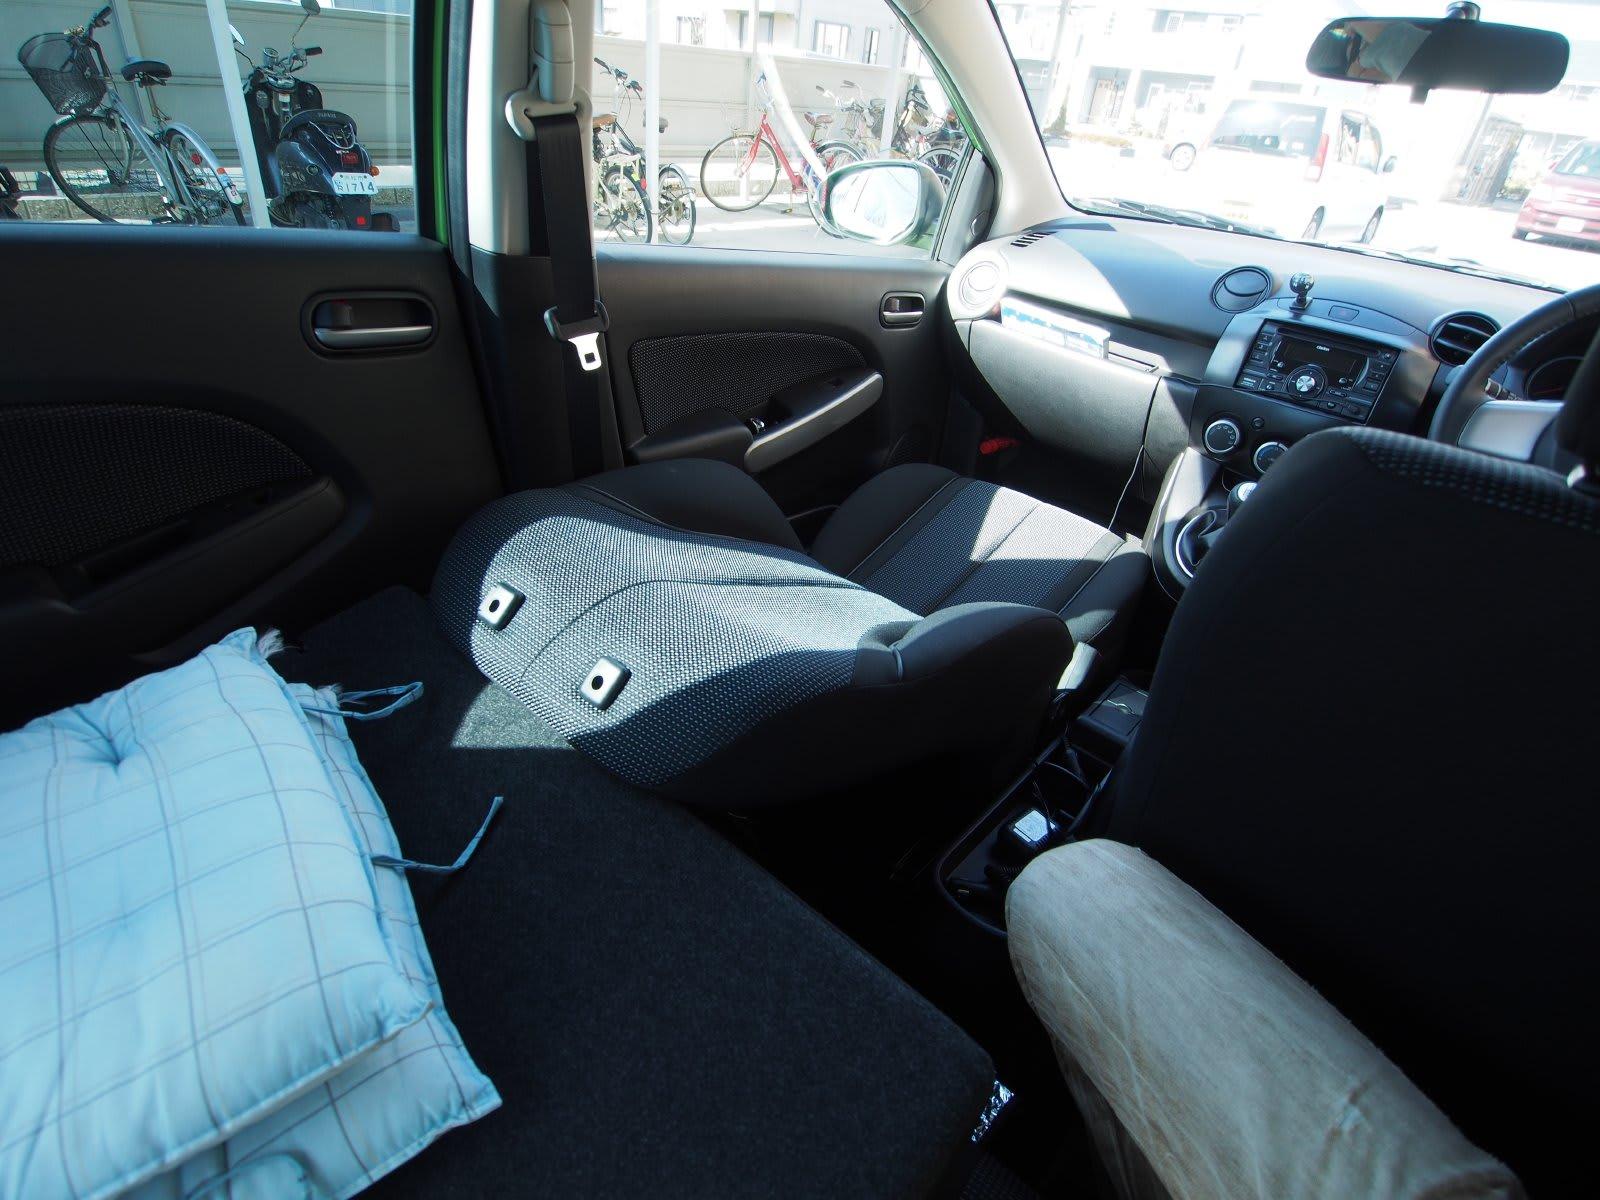 DEデミオはリアシートの背もたれは前に倒すか通常の立てた状態にするかの2択だ。角度調整はできない。 車内泊を考える時には奥側に倒してフラットにできるかが重要に